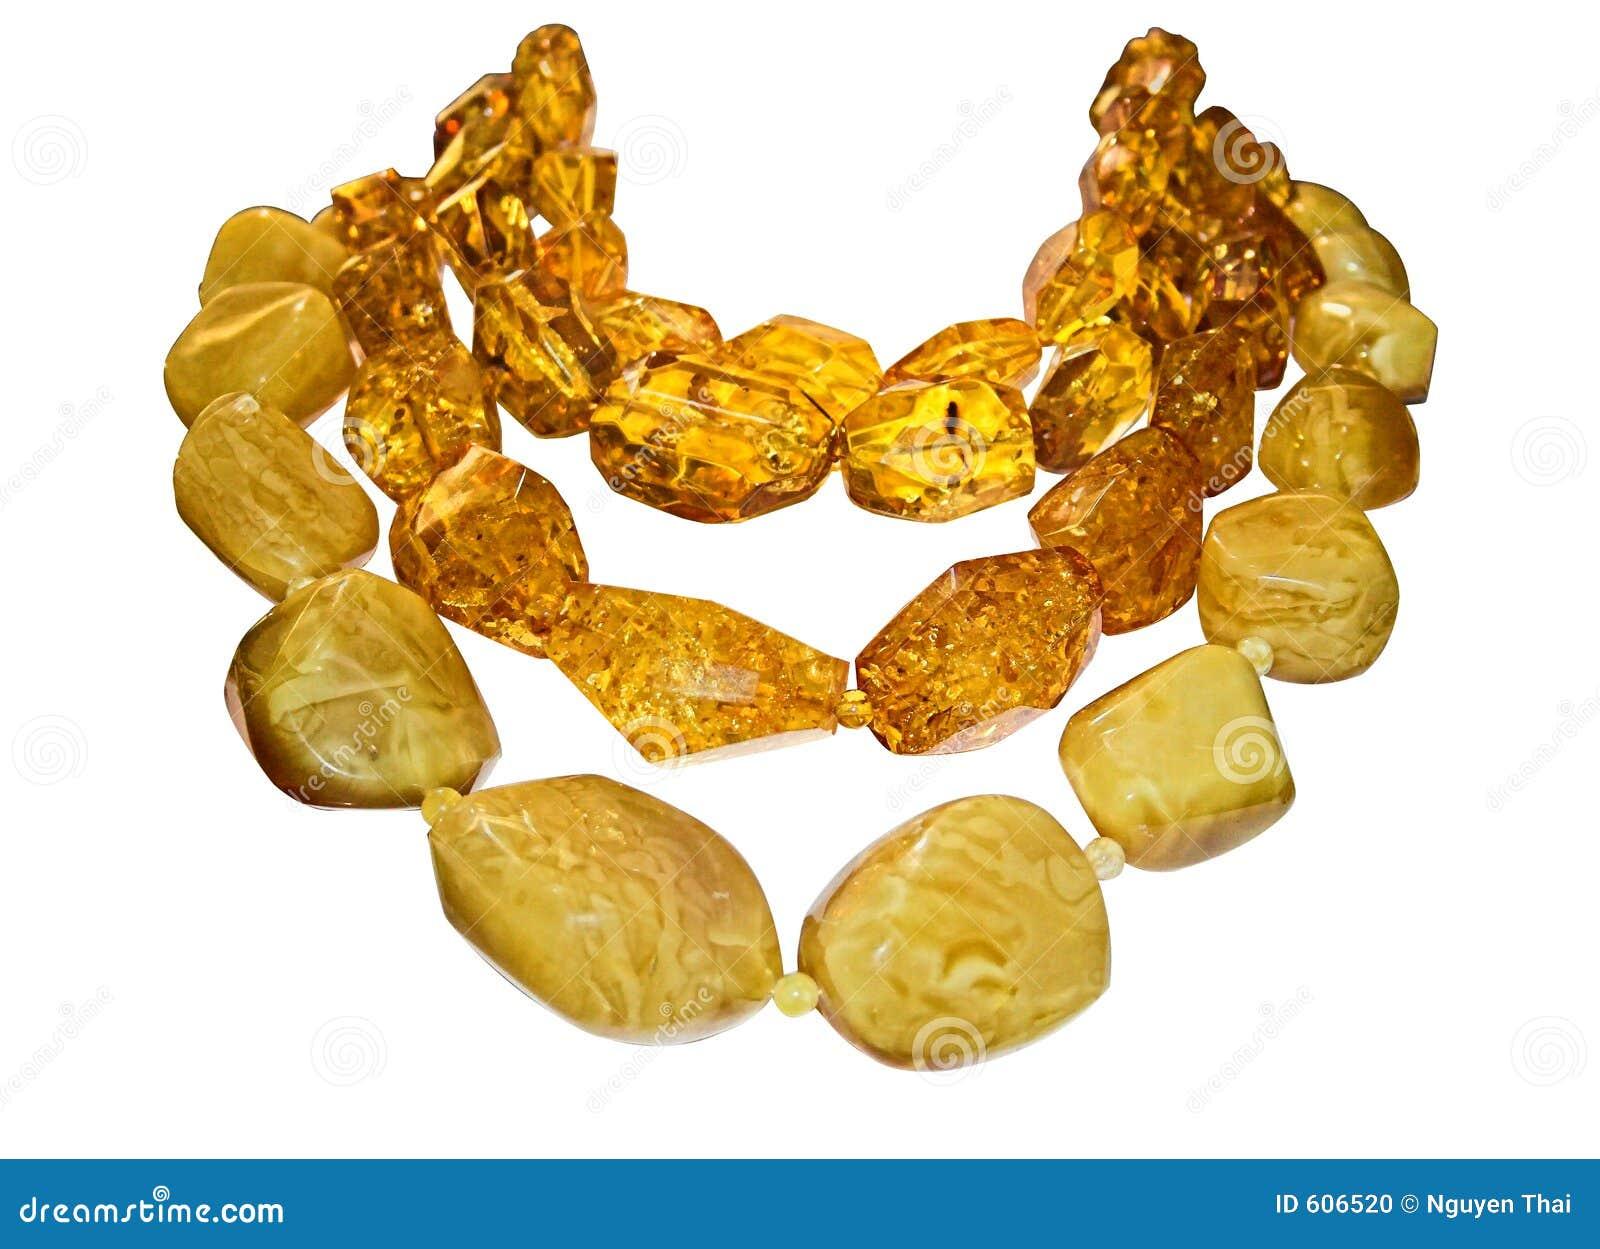 Amber halsbanden